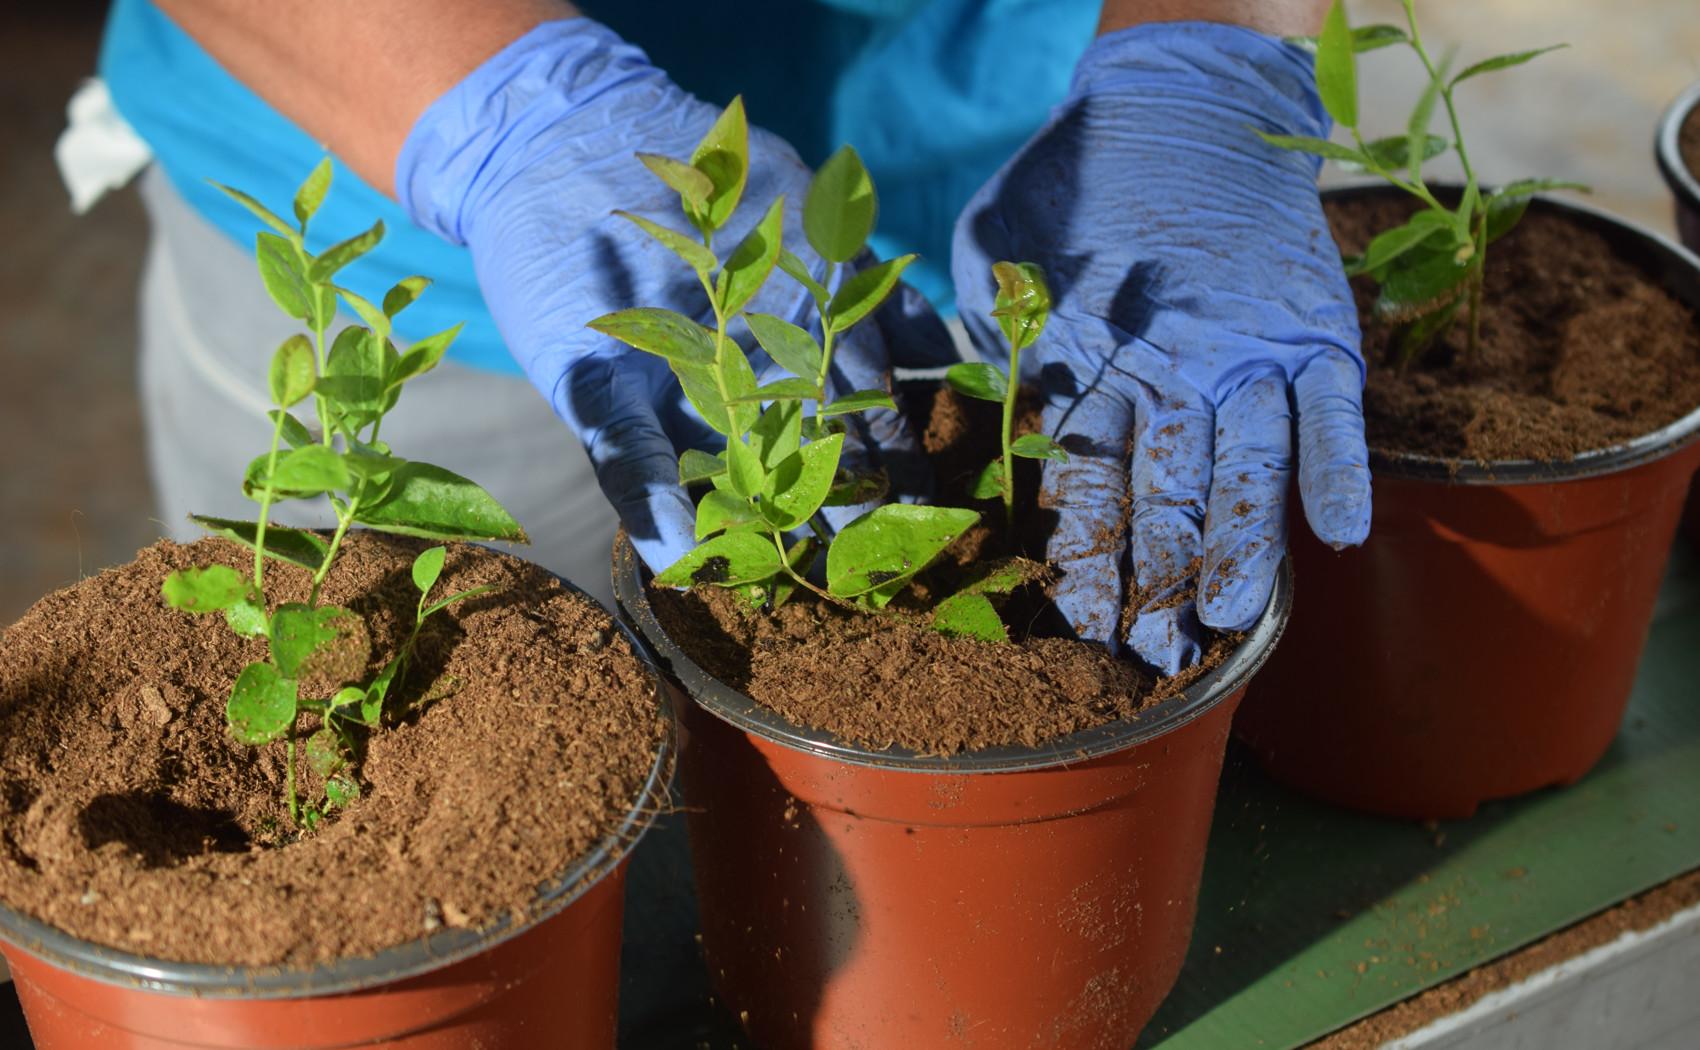 presadnjivanje sadnica borovnice u saksije